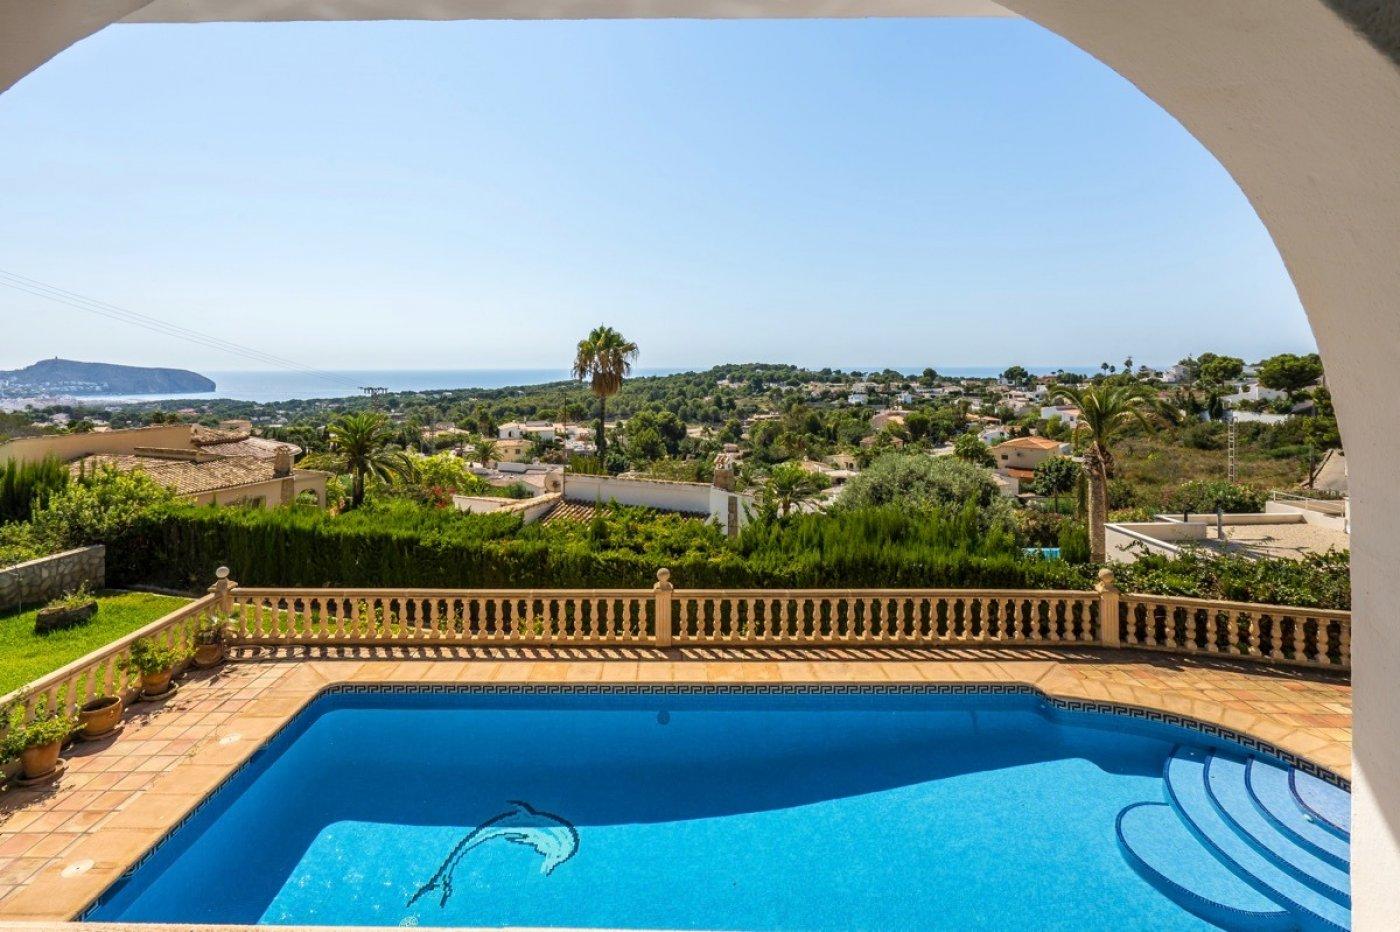 Sea View Villa for sale in Benimeit Moraira